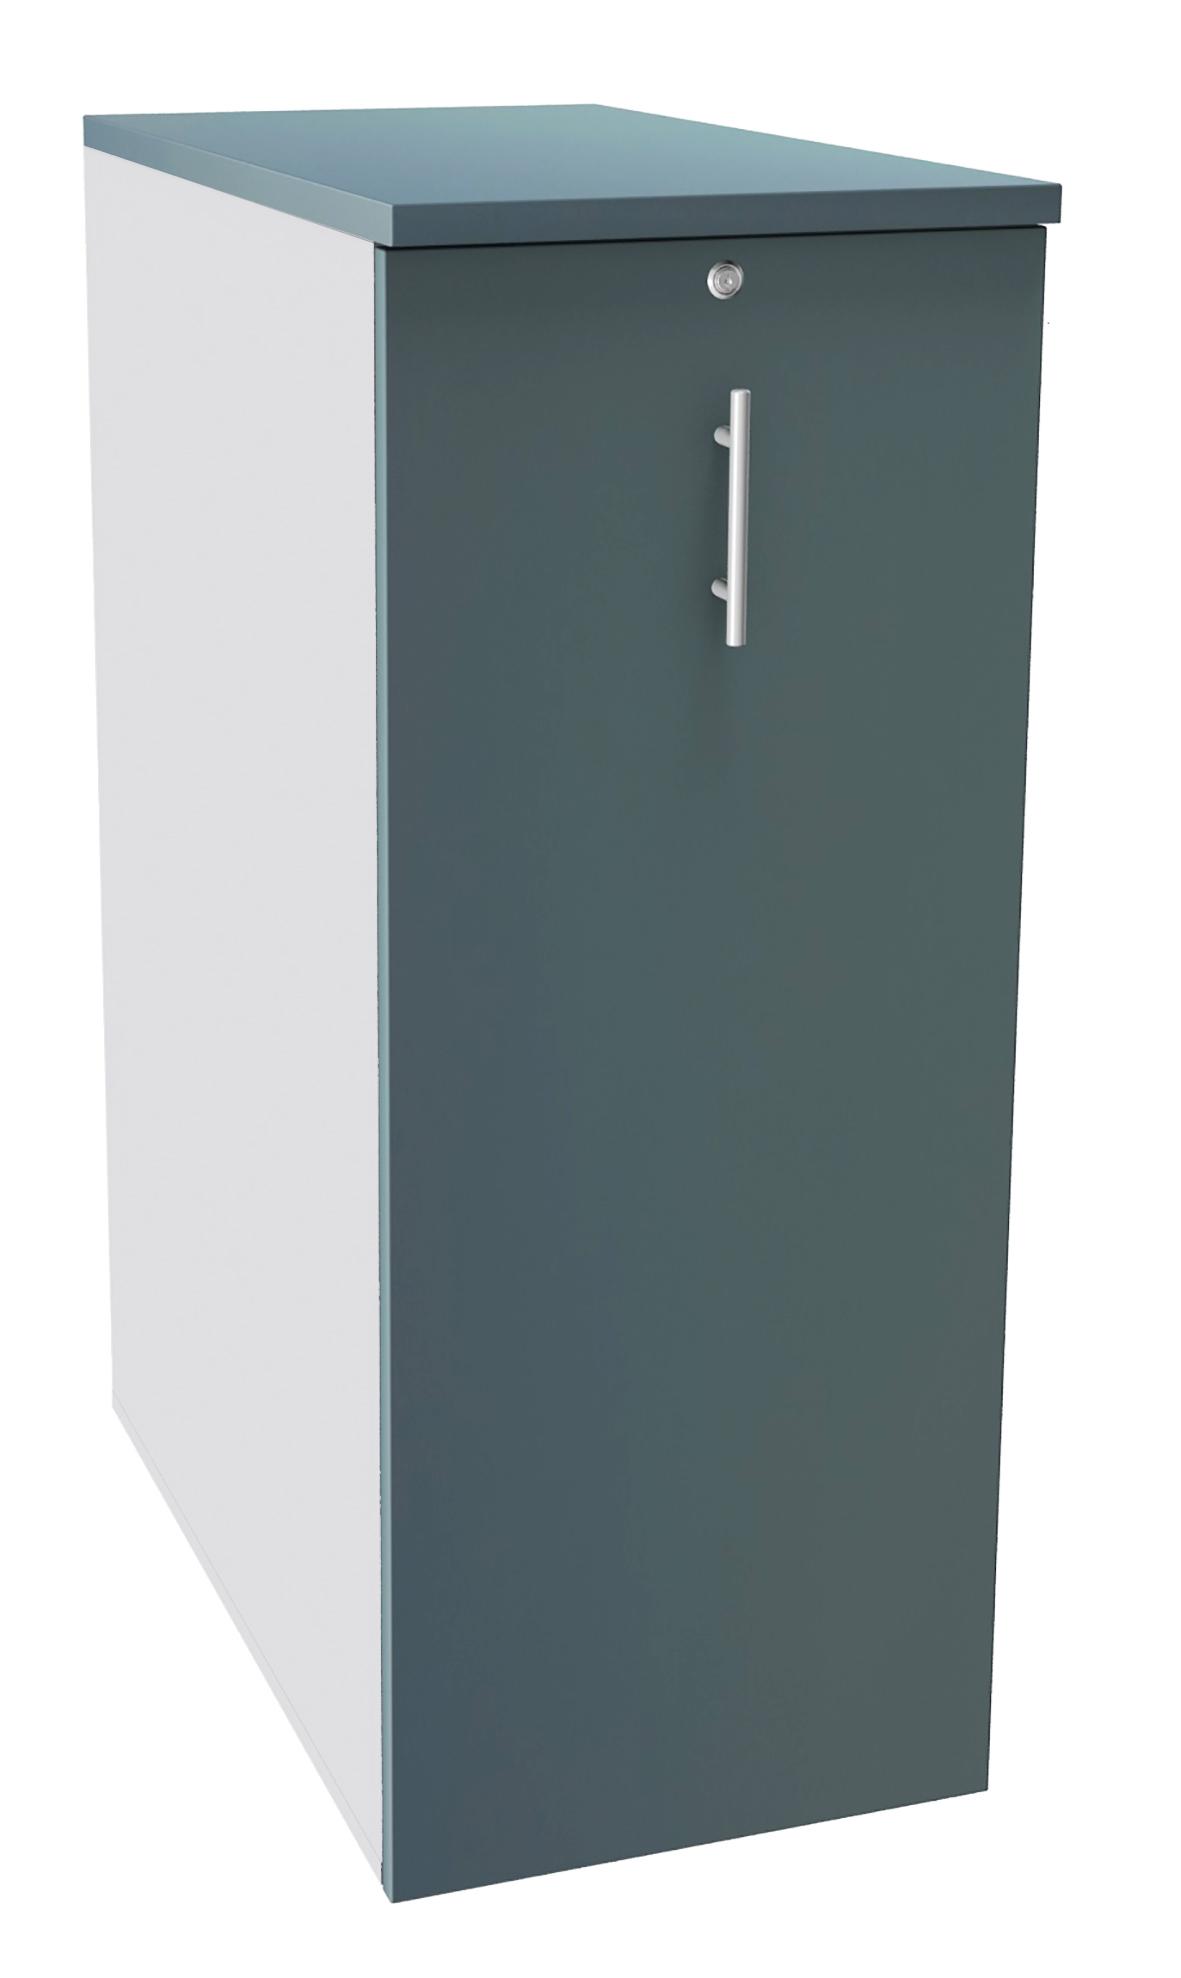 Caisson TOWER - L44 x H114 x P80 cm - 3 tablettes + 1 support DS réglable - structure blanc perle - dessus et façade bleu argile